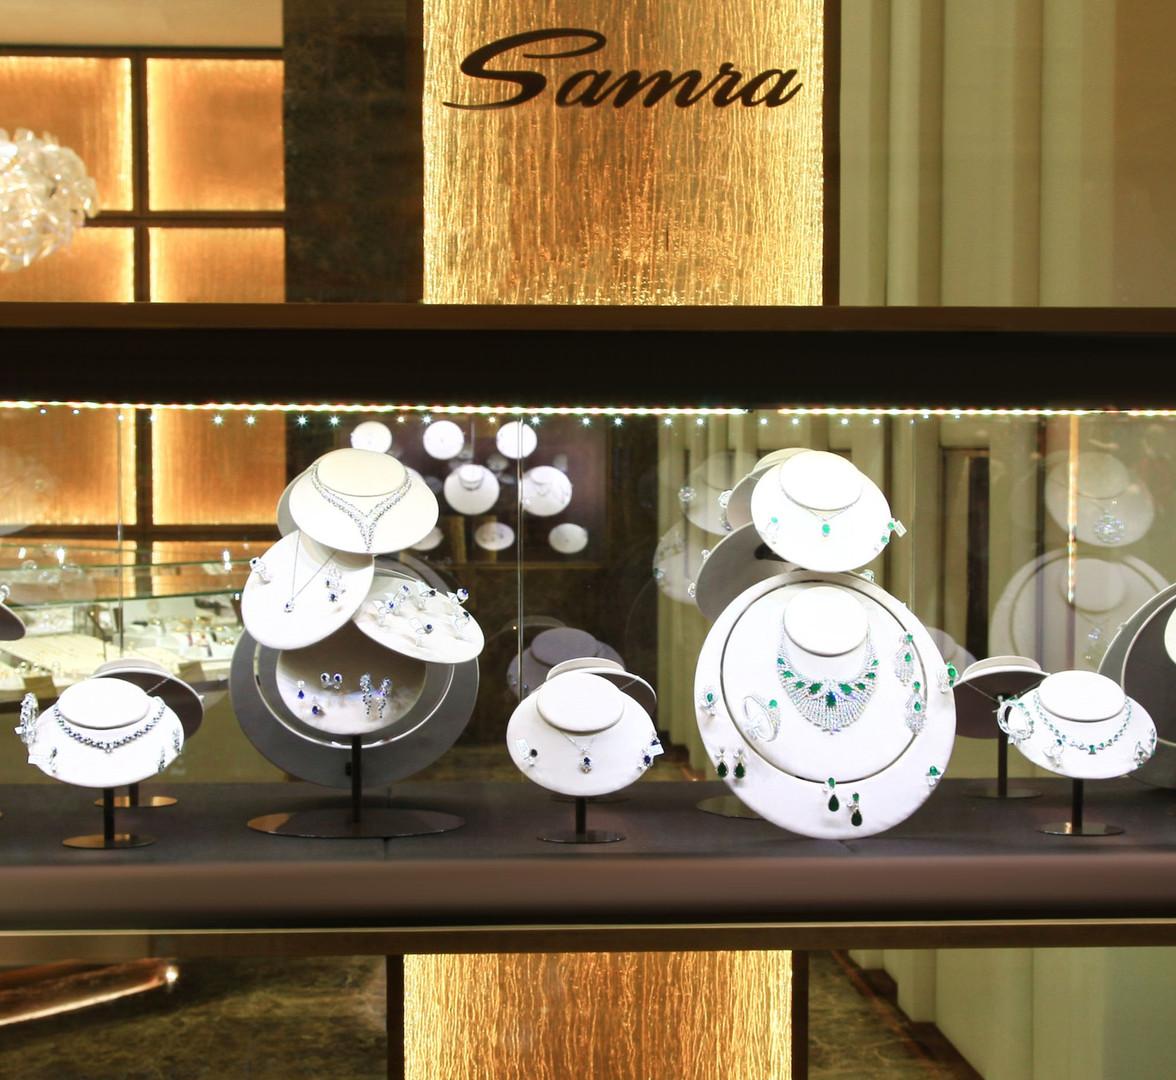 SAMRA - Dubai, 2018 / 2019